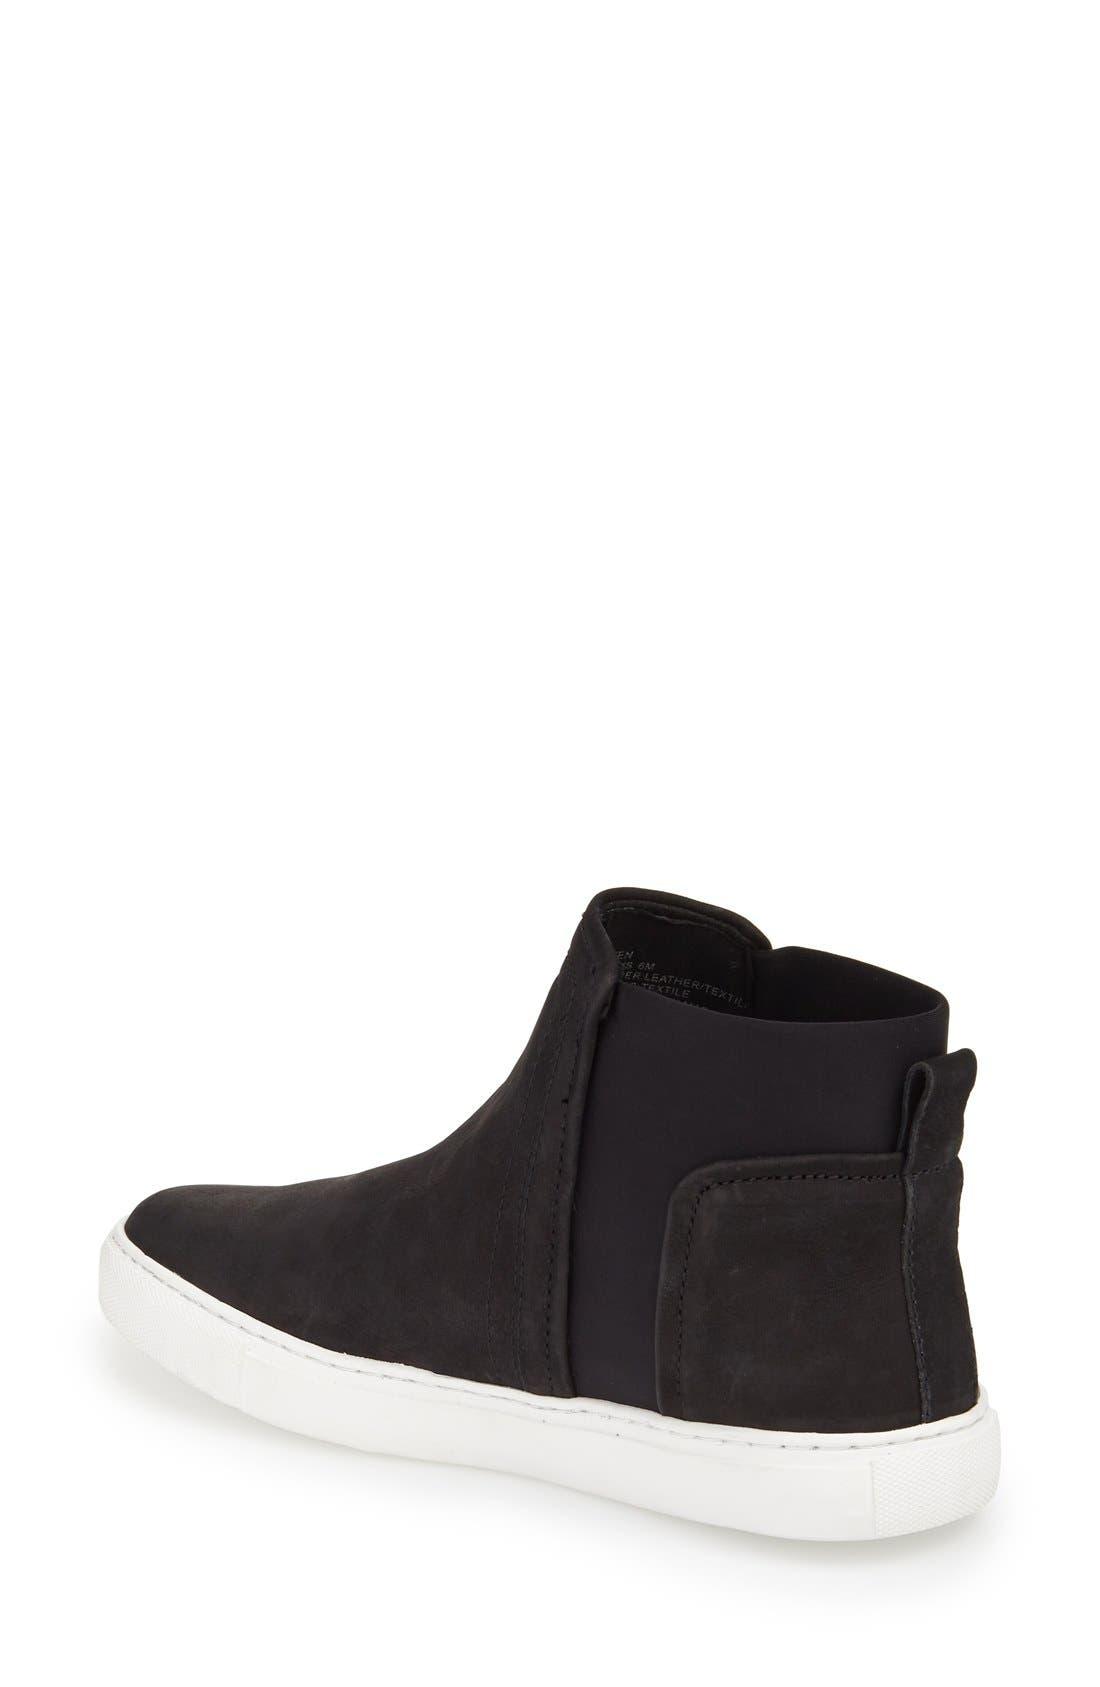 'Ken' Leather Slip-On Sneaker,                             Alternate thumbnail 4, color,                             001